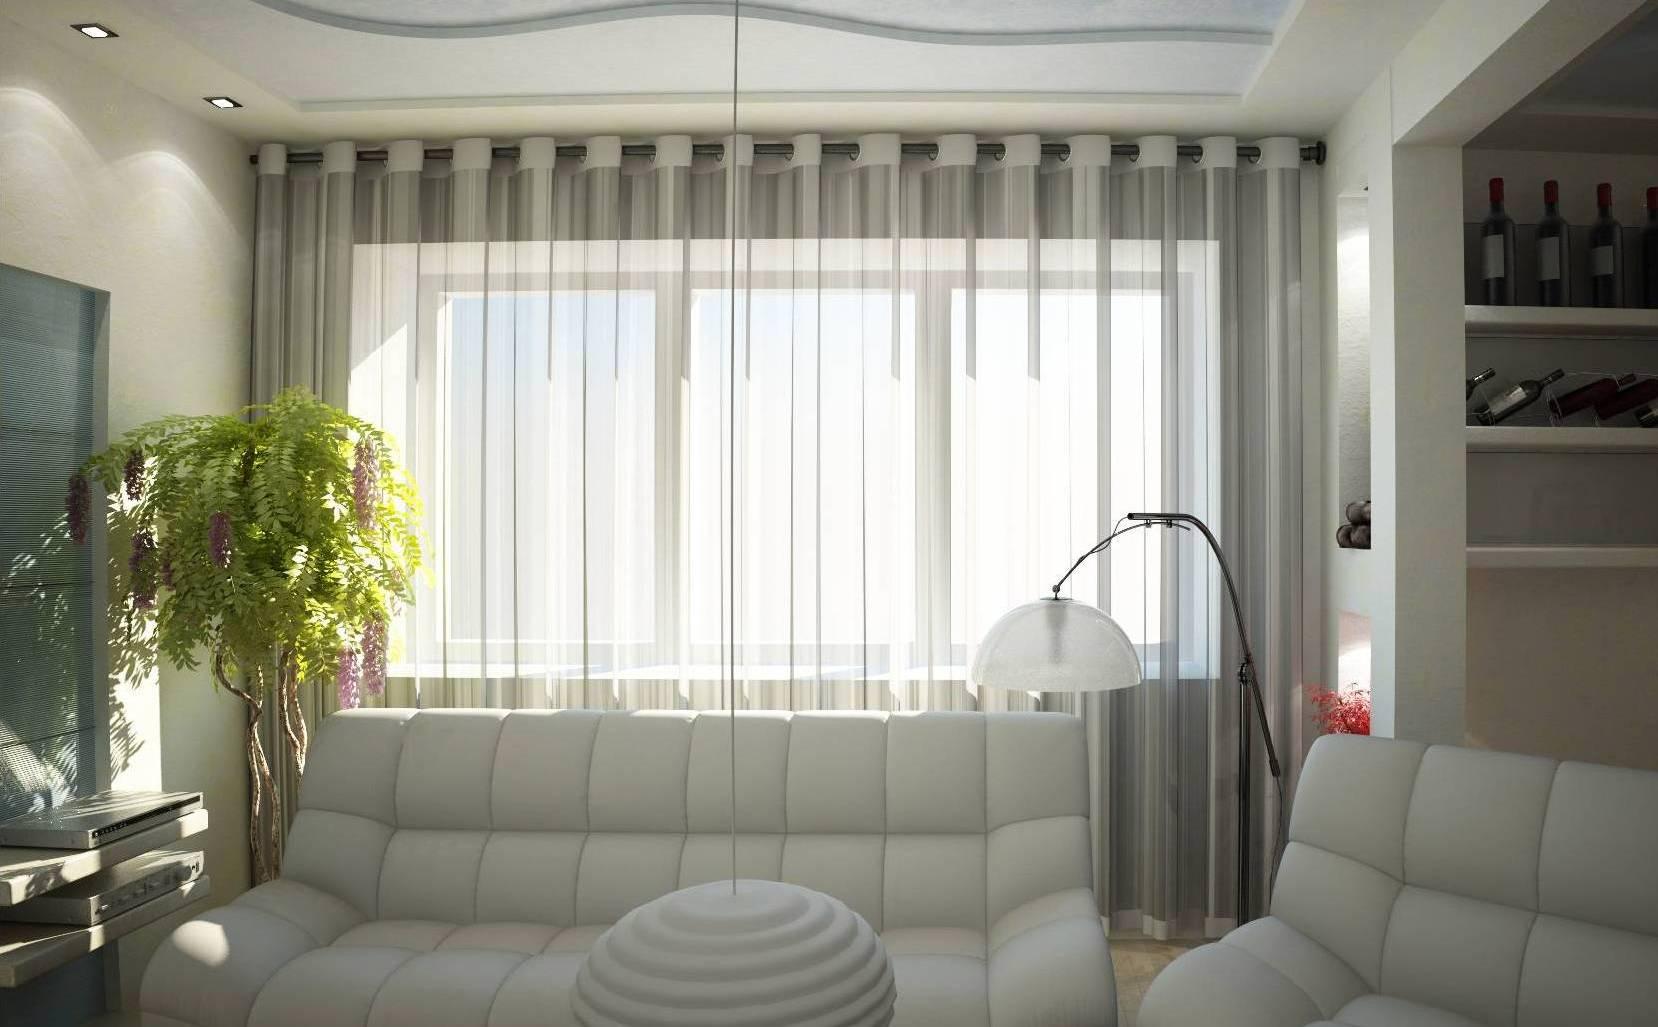 Тюлевые шторы в интерьере